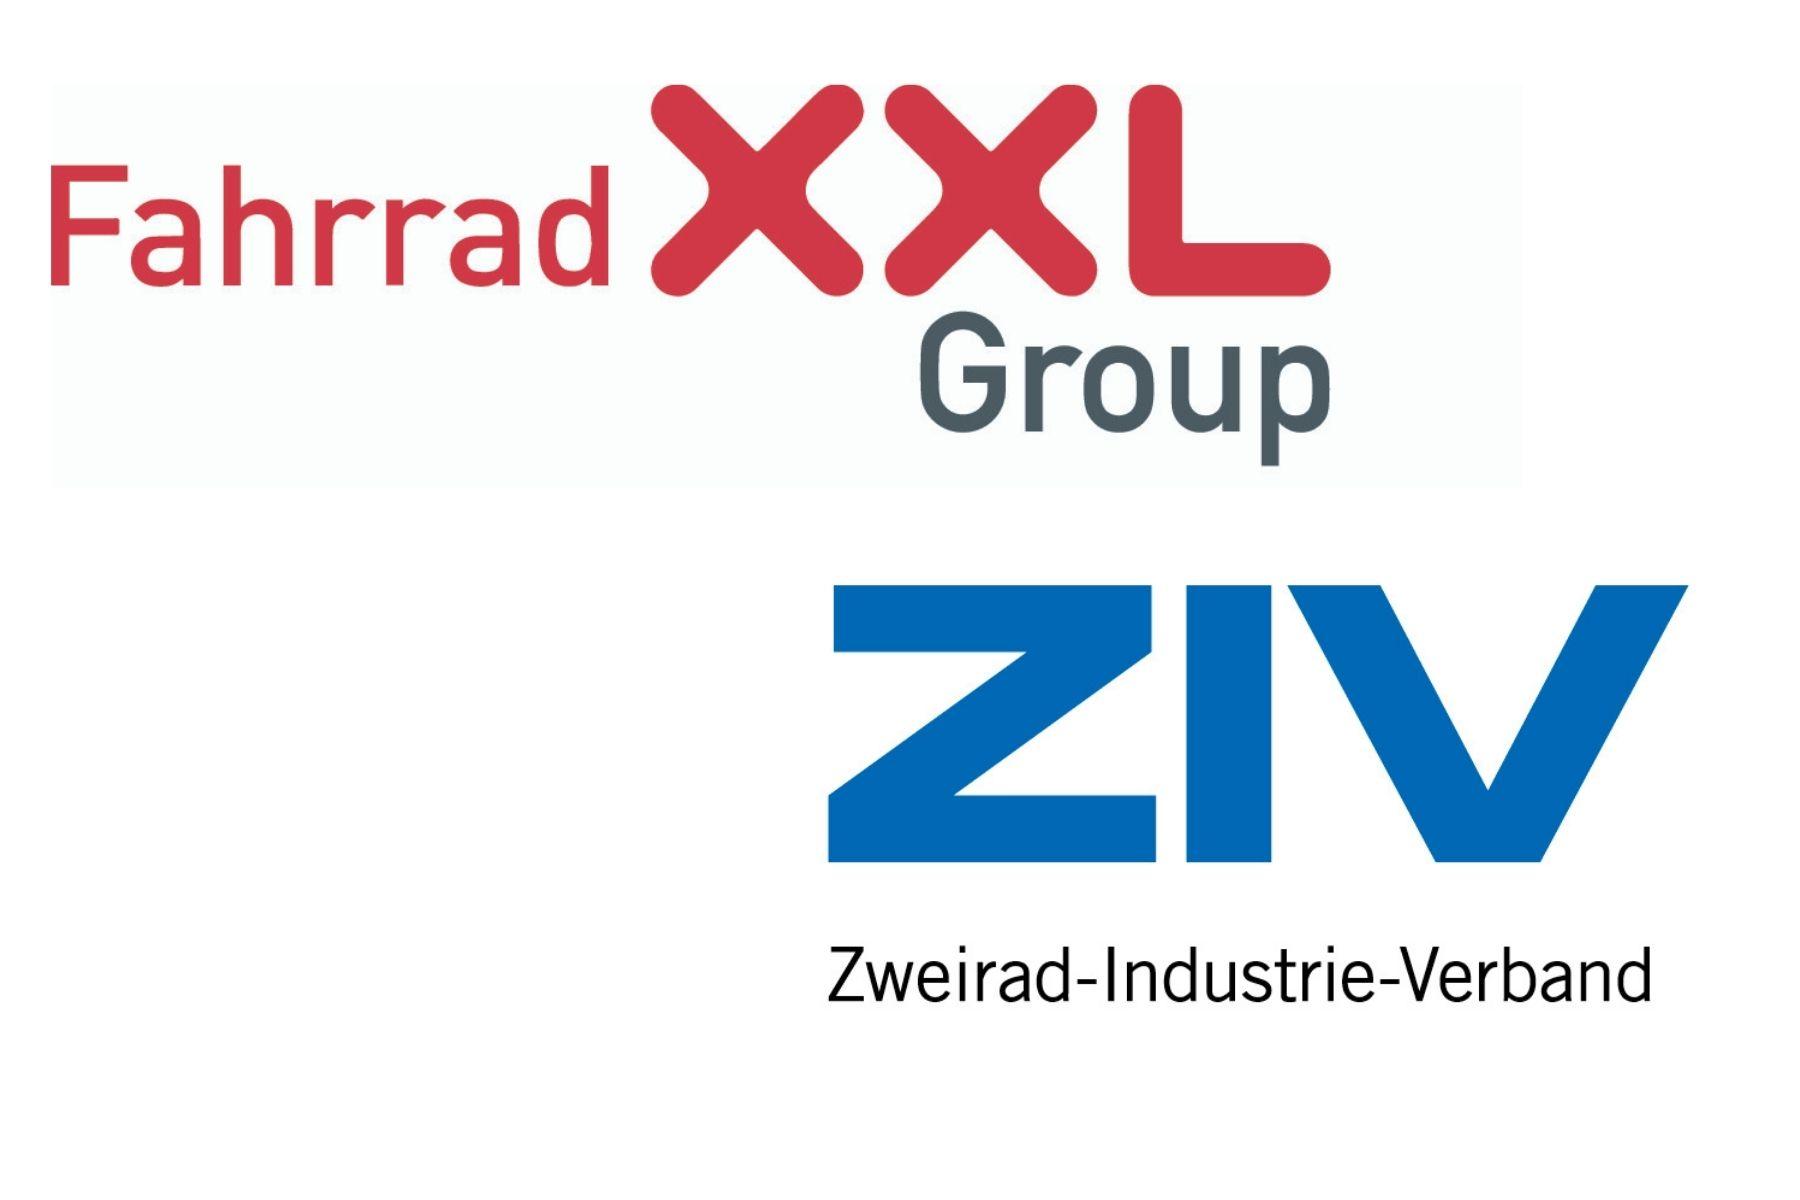 Fahrrad-XXL Group ist neues Mitglied beim ZIV